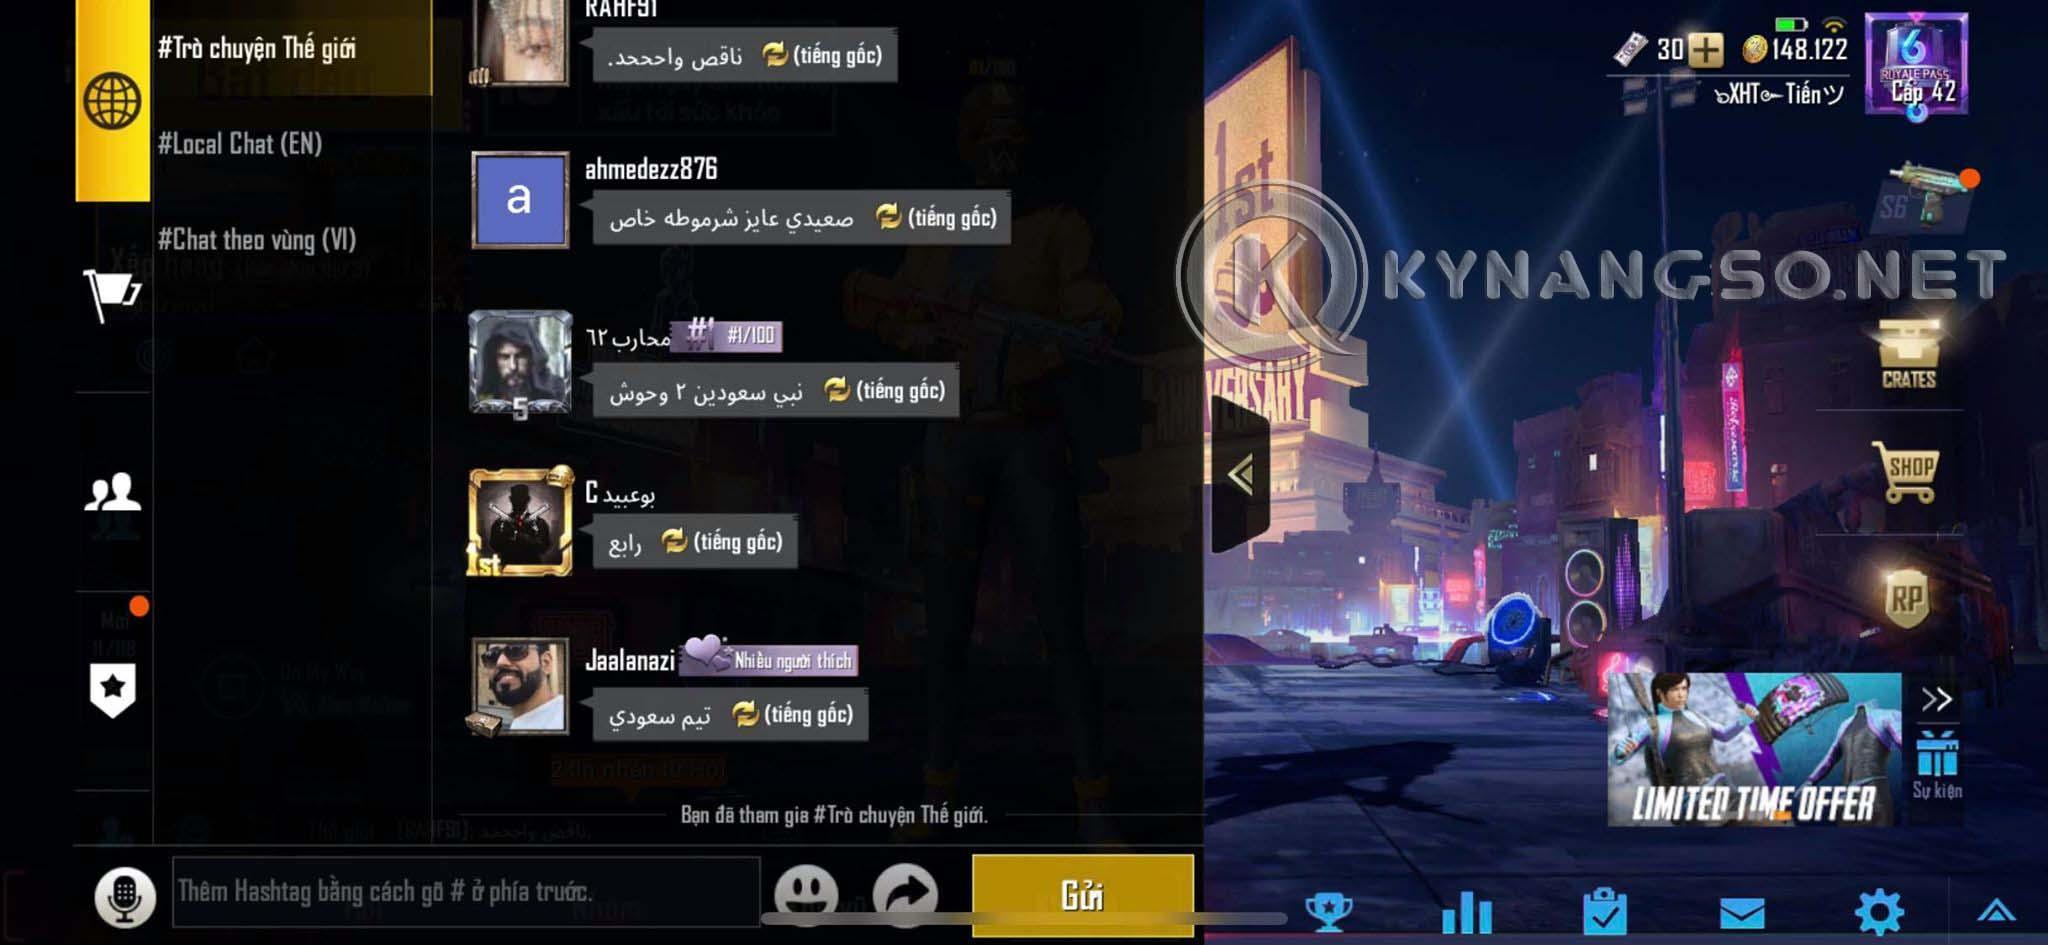 Hướng Dẫn Đổi Tên Ký Đặc Biệt Trong Game PUBG Mobile bằng Điện Thoại 1 - Hướng Dẫn Đổi Tên Ký Đặc Biệt Trong Game PUBG Mobile bằng Điện Thoại